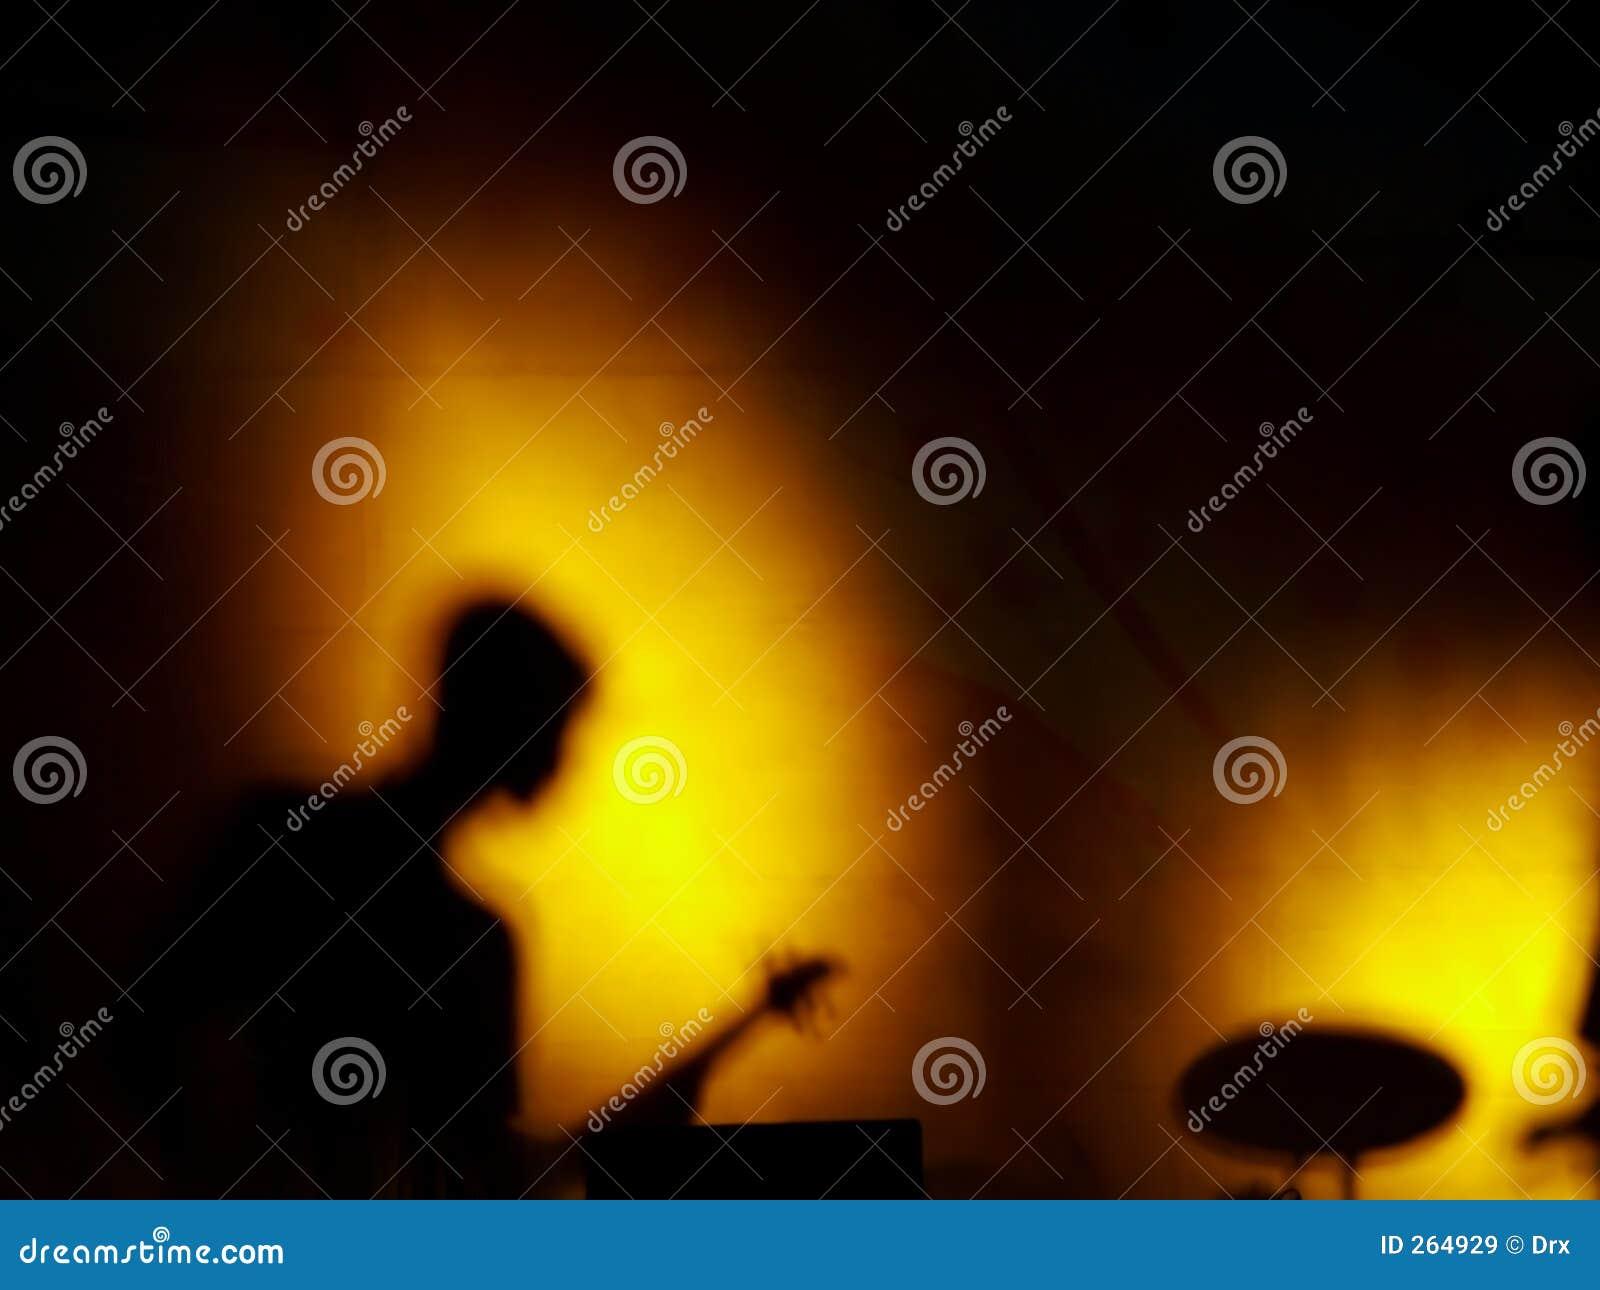 Concerto da música da sombra